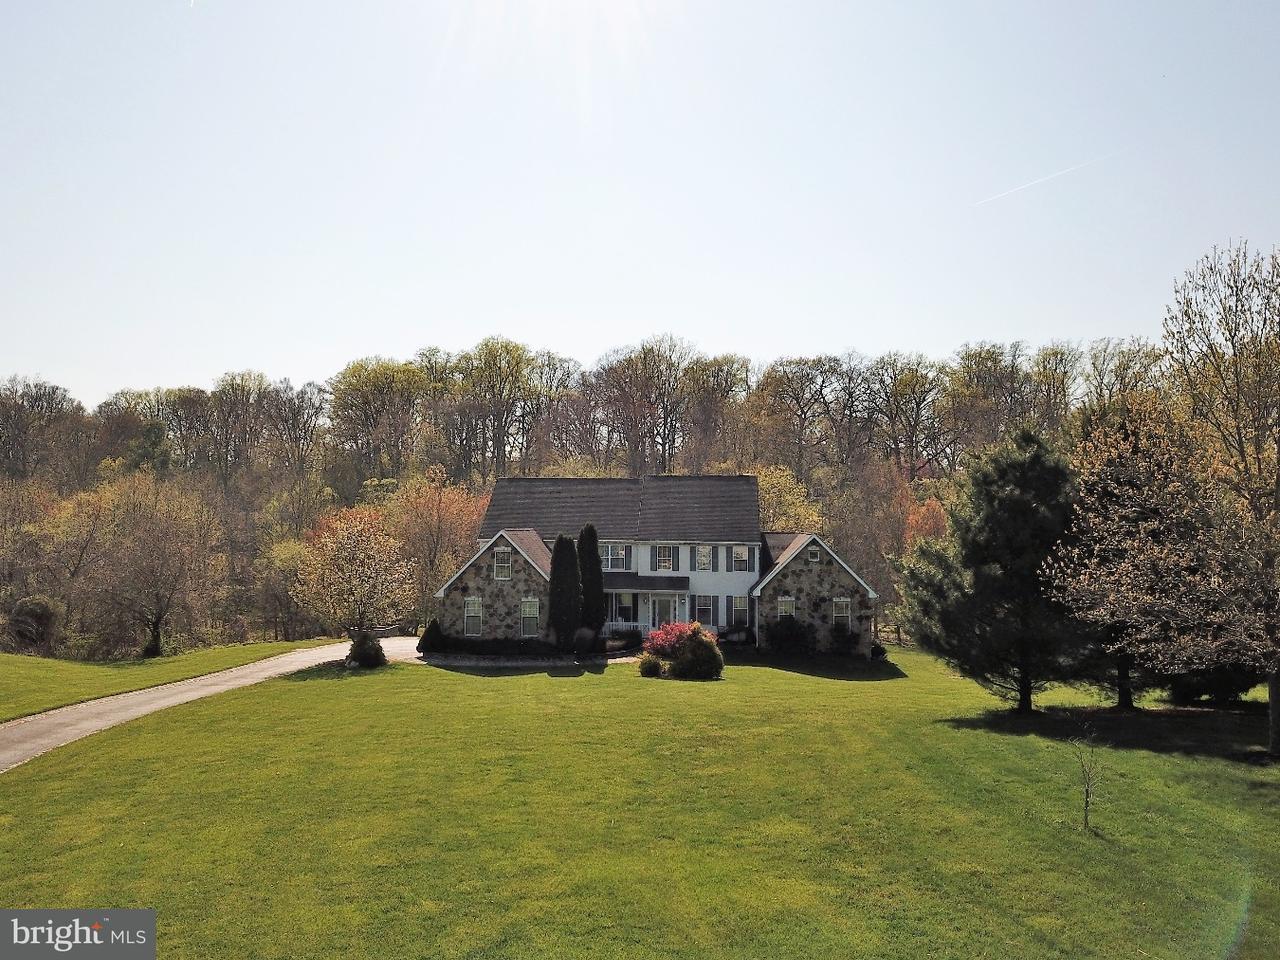 独户住宅 为 销售 在 31 ANGELICA Drive Avondale, 宾夕法尼亚州 19311 美国